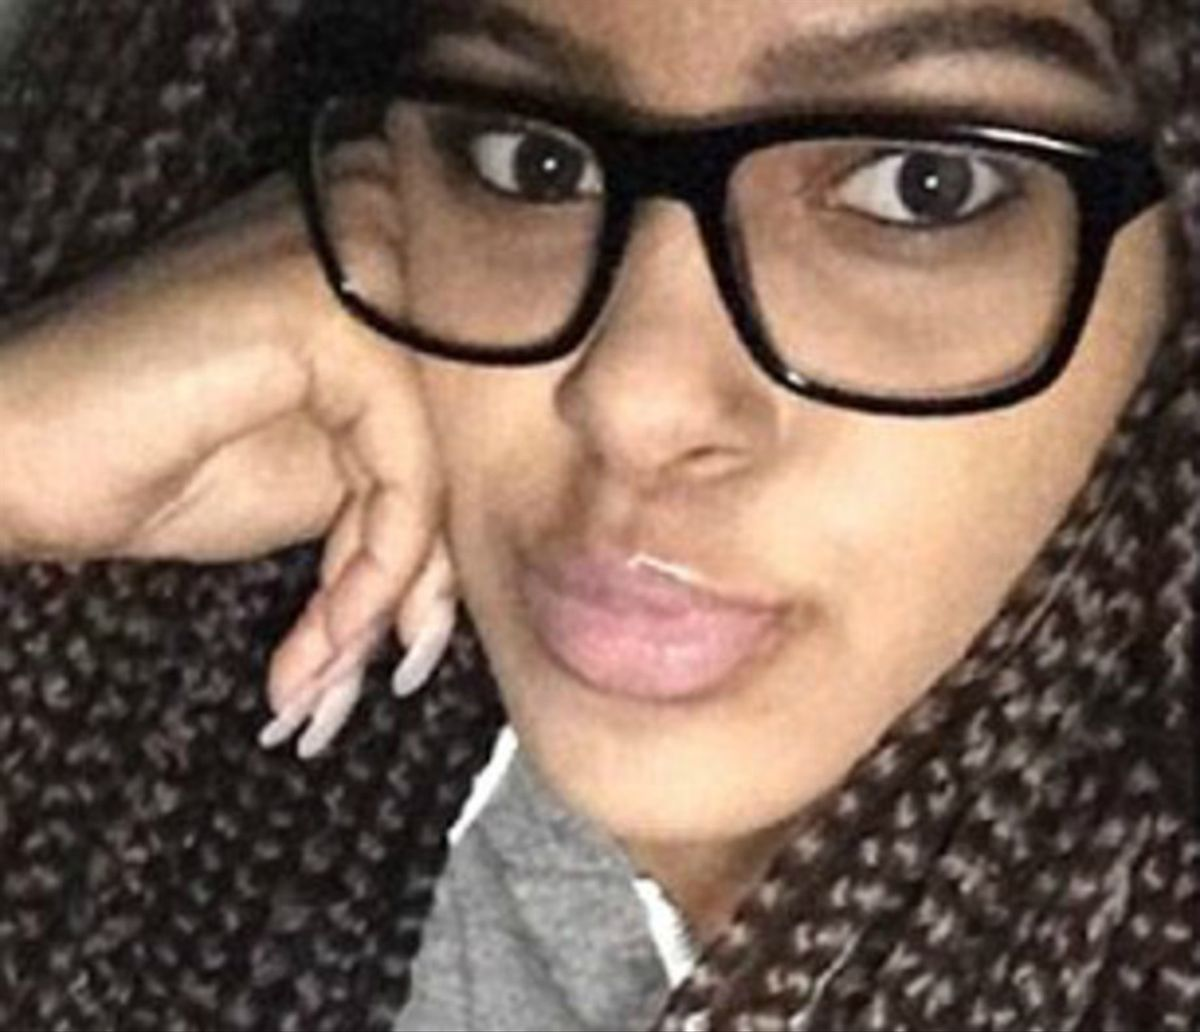 Amy Inita Joyner Francis, de 16 años, falleció poco después de llegar al hospital tras ser brutalmente agredida por dos compañeras de clase.